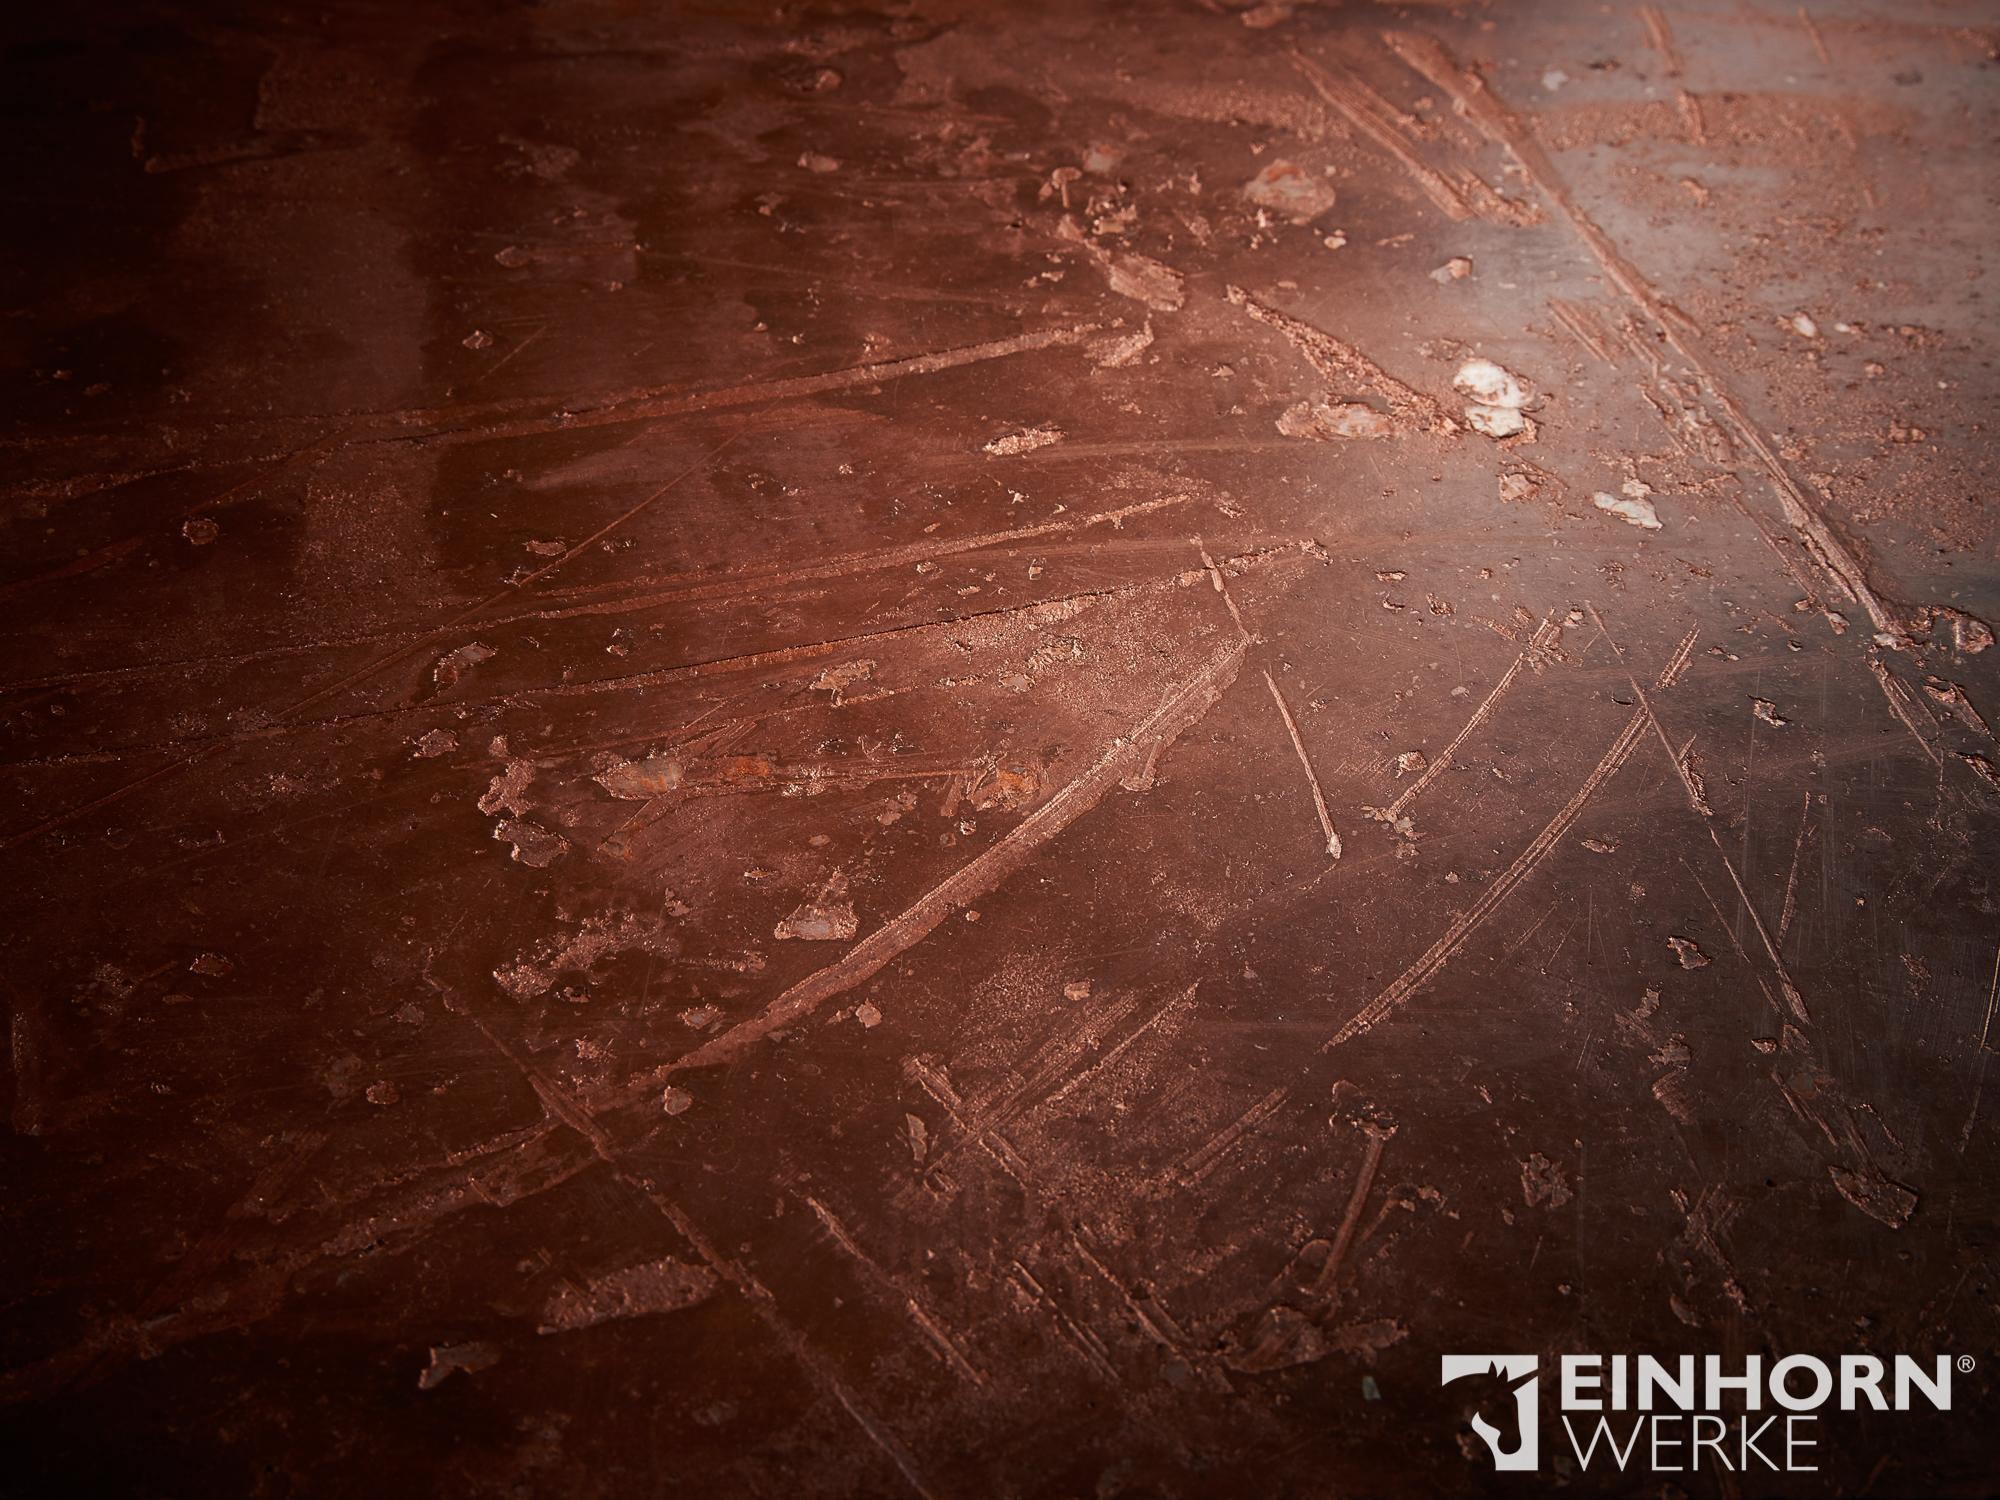 STUCCORINO 1306 + STUCCORINO Fresco 1306  +STUCCORINO Effect Kupfer +Marmorputz von Einhorn Werke